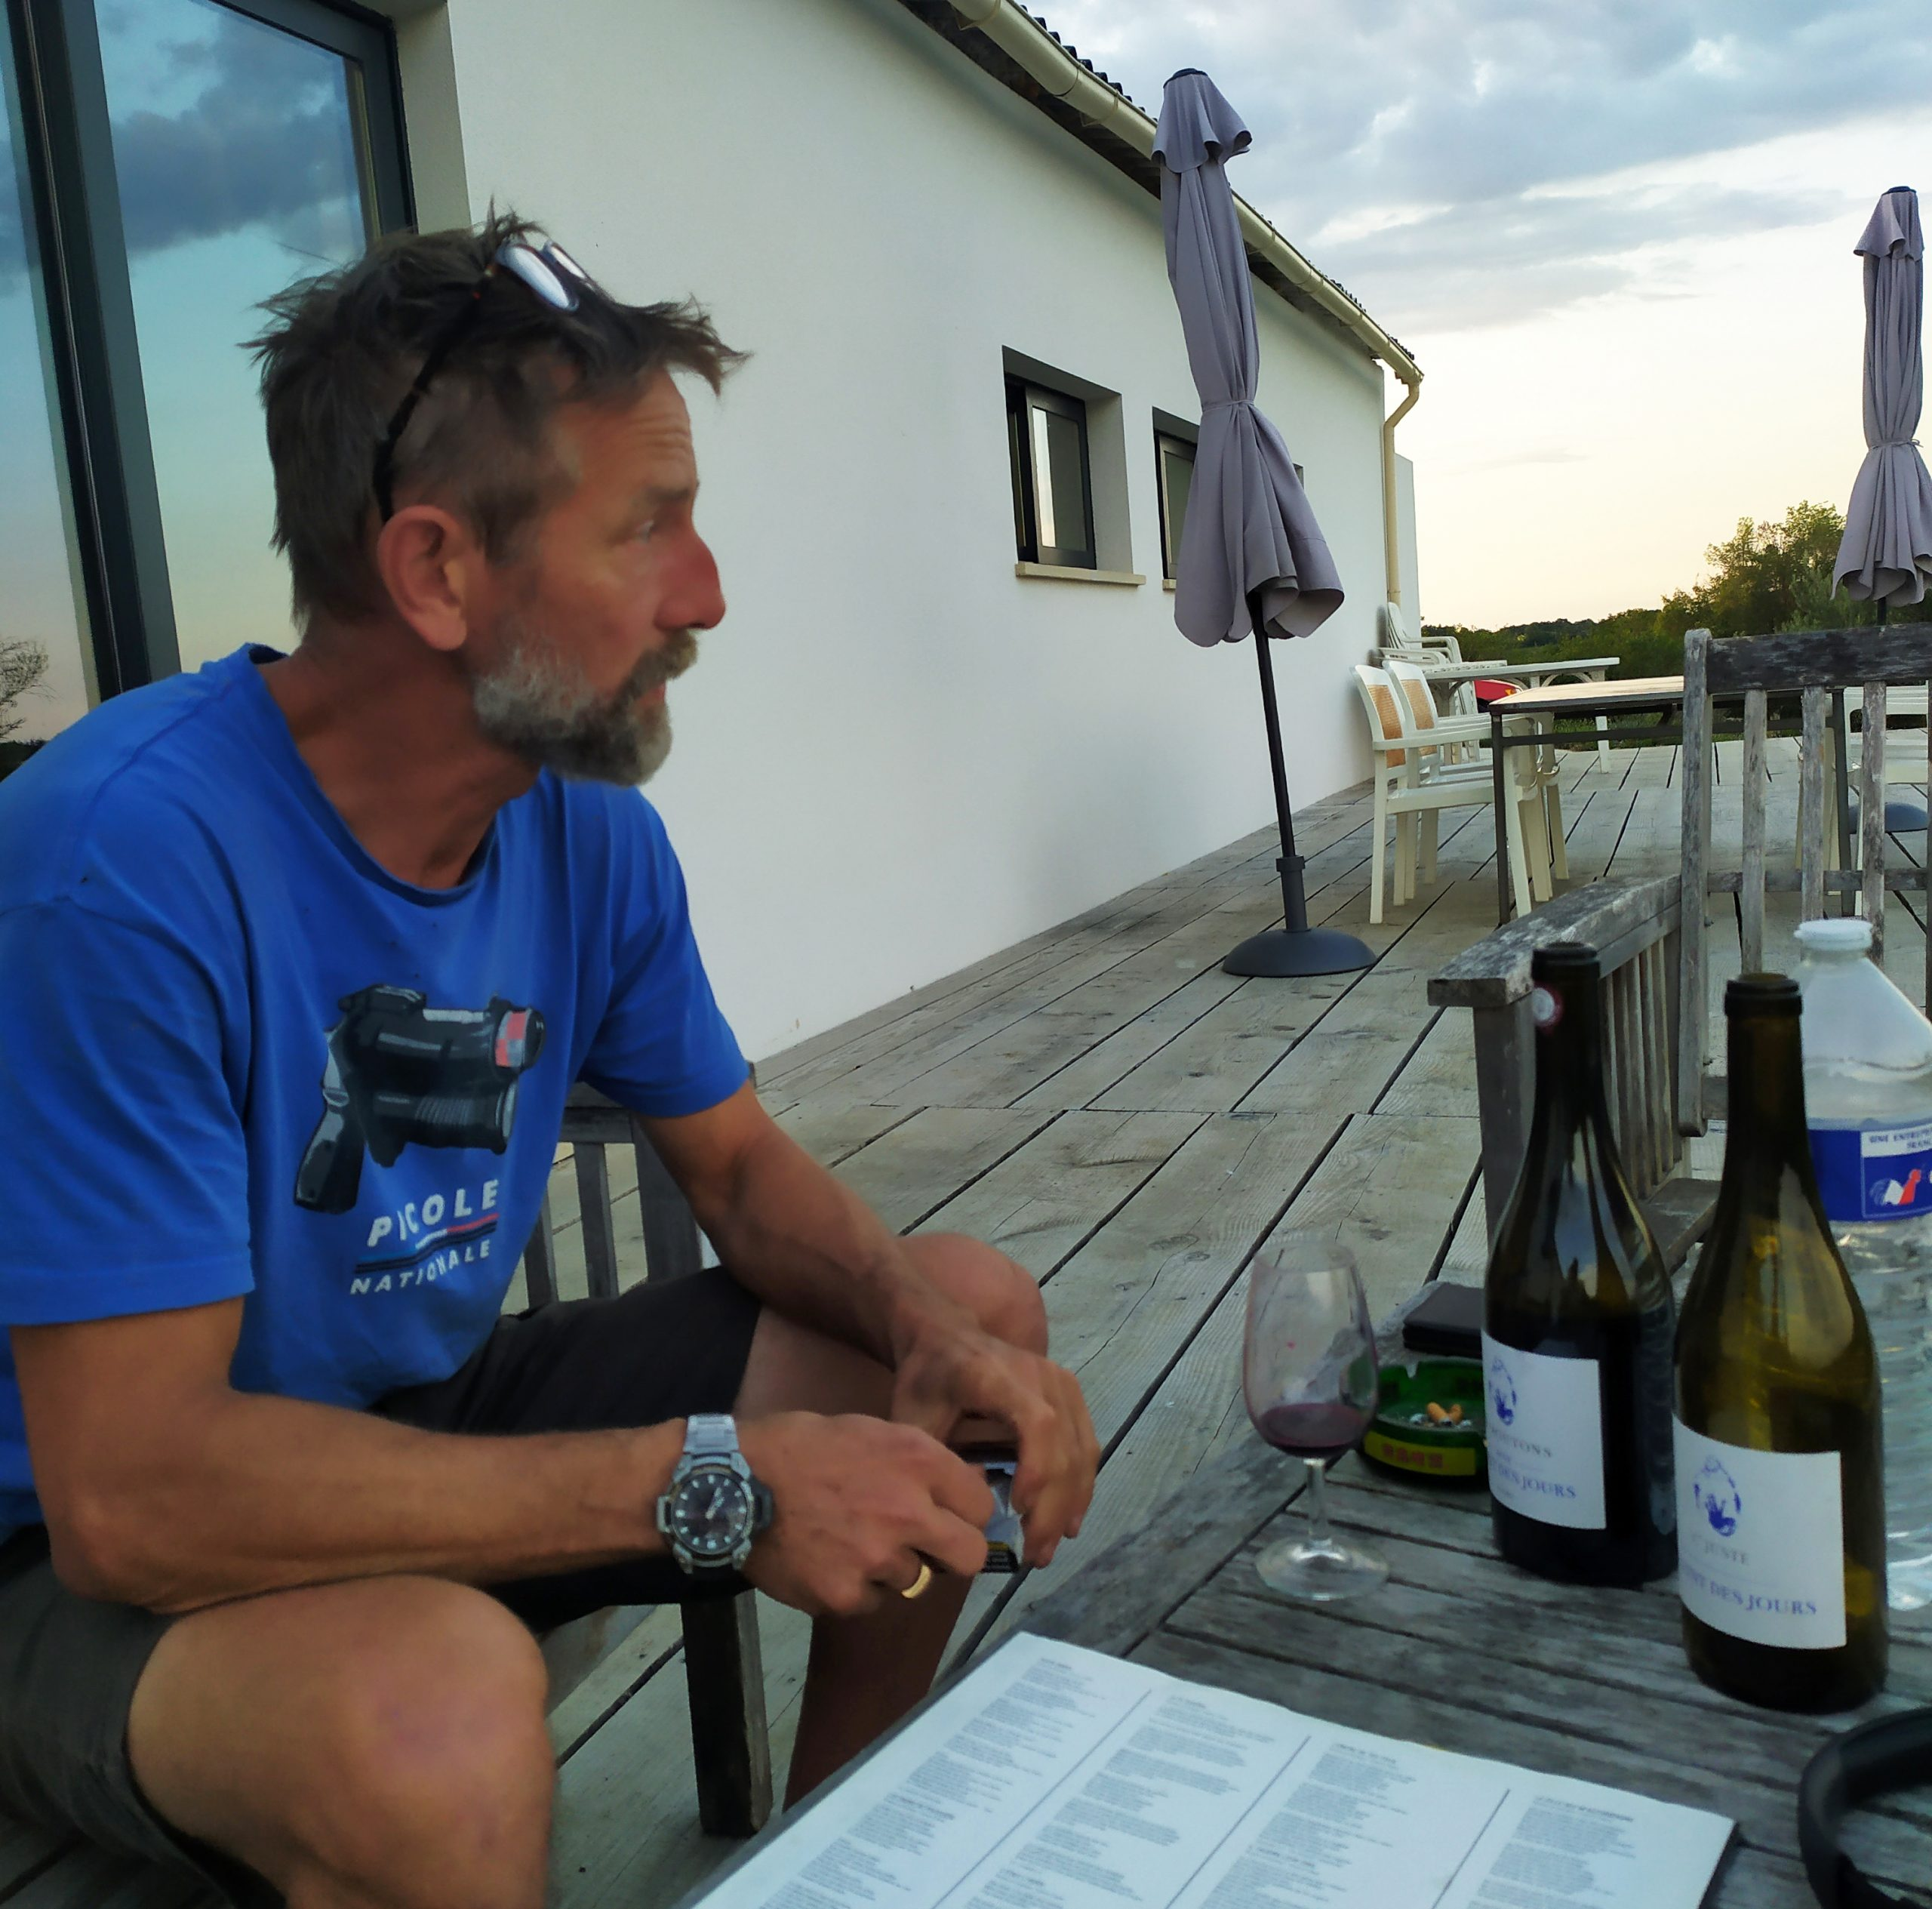 En attendant la 2e bouteille, ép. 5 : Laurent Marre, Domaine Le vent des jours